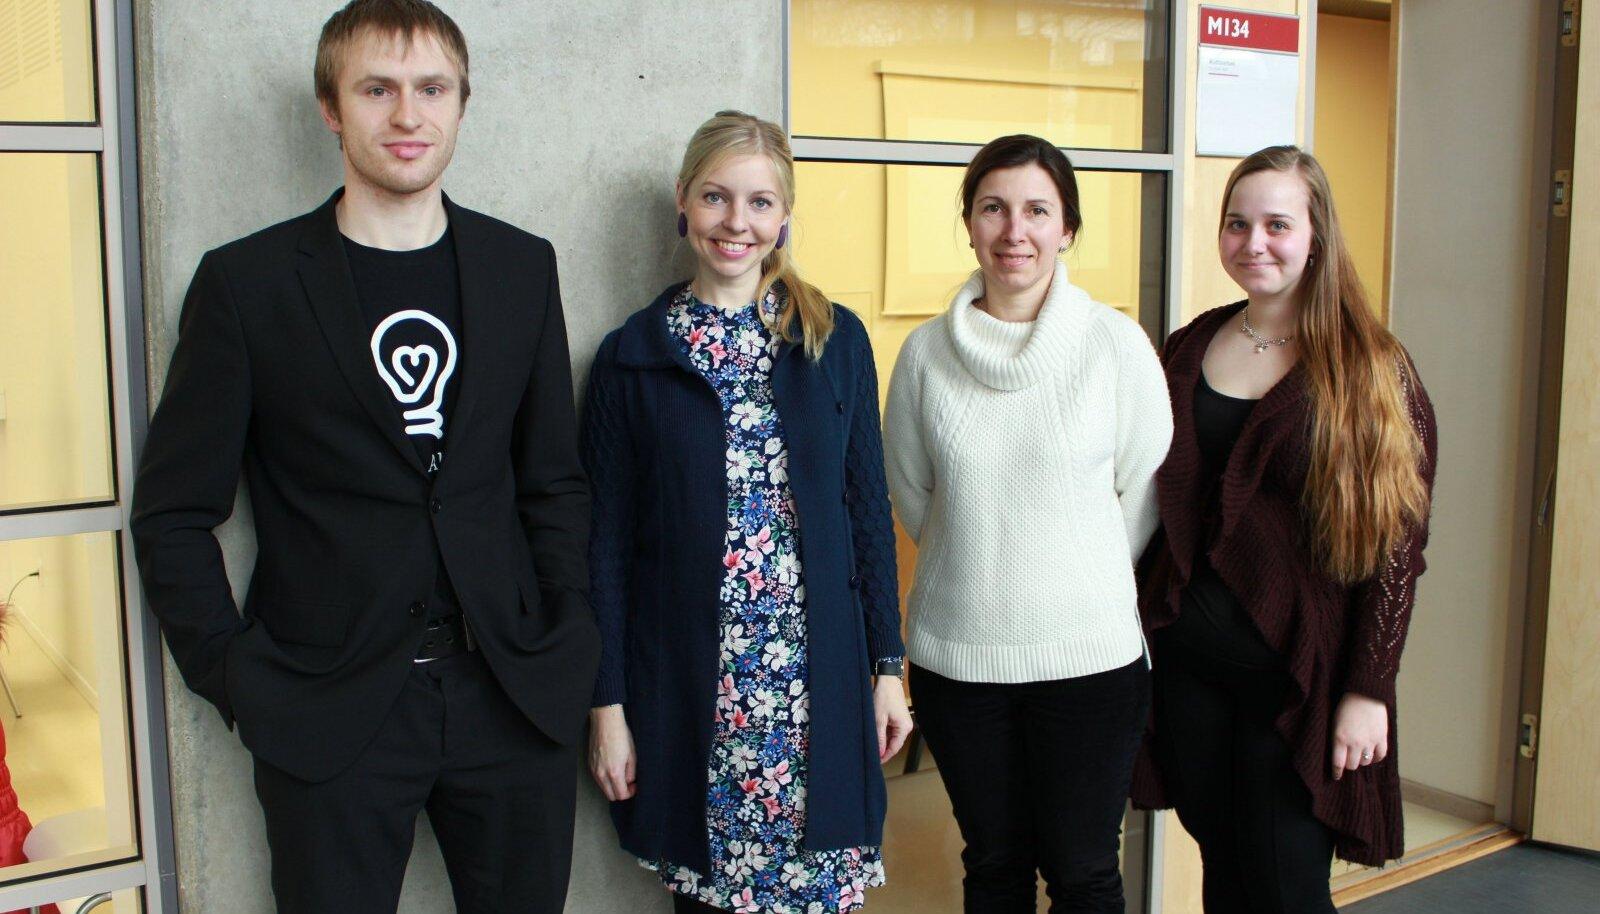 Efektiivse altruismi uurijad Risto Uuk, Helen Külaots, Kristina Lahe ja Annika Loor